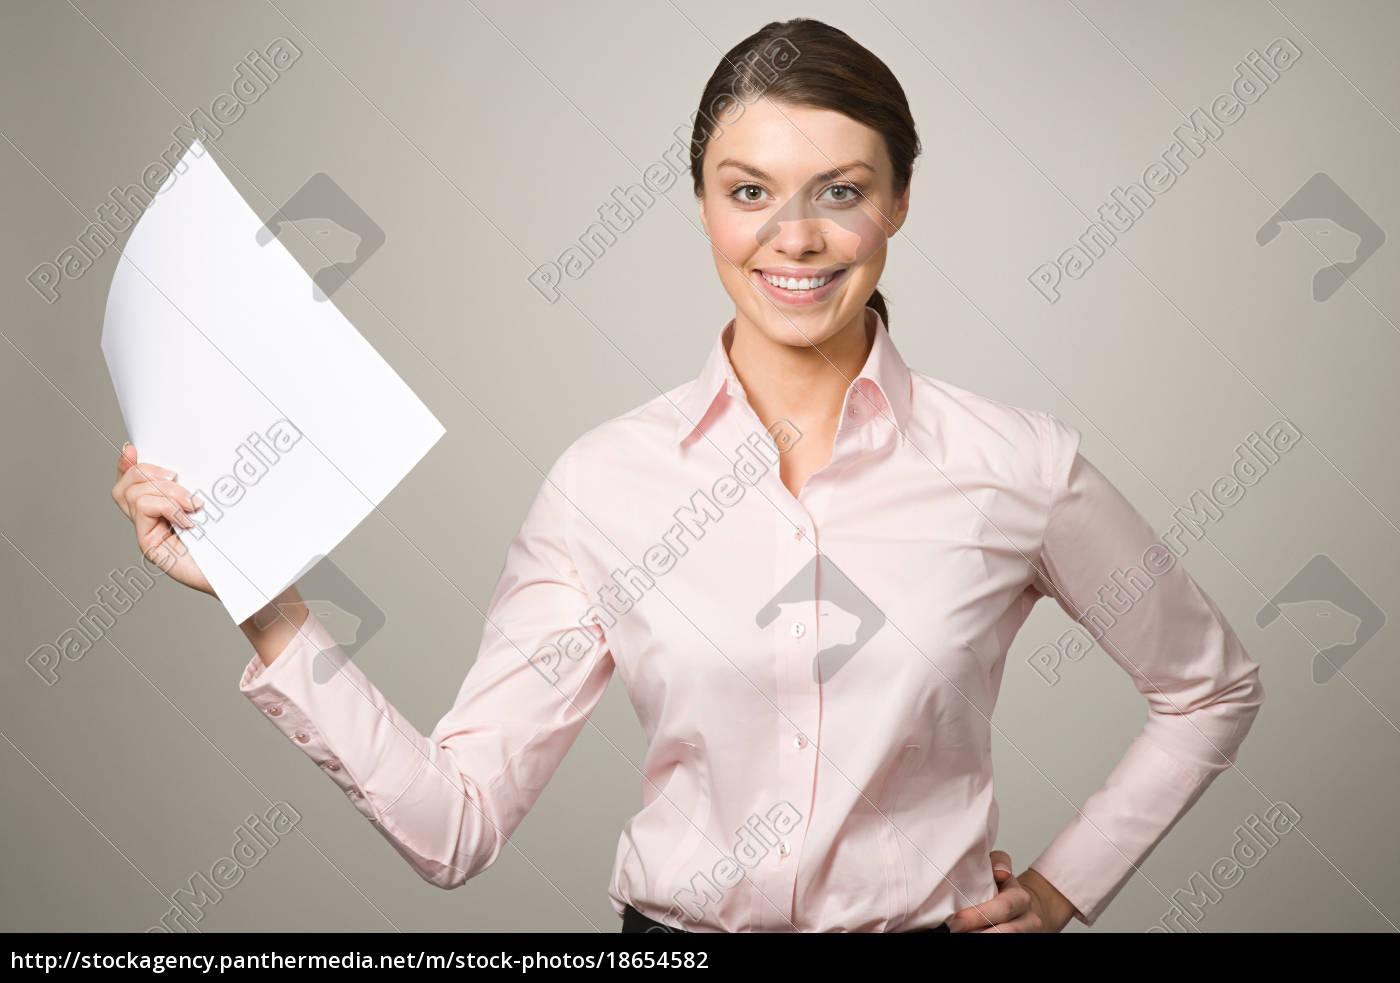 eine, frau, die, ein, stück, papier - 18654582